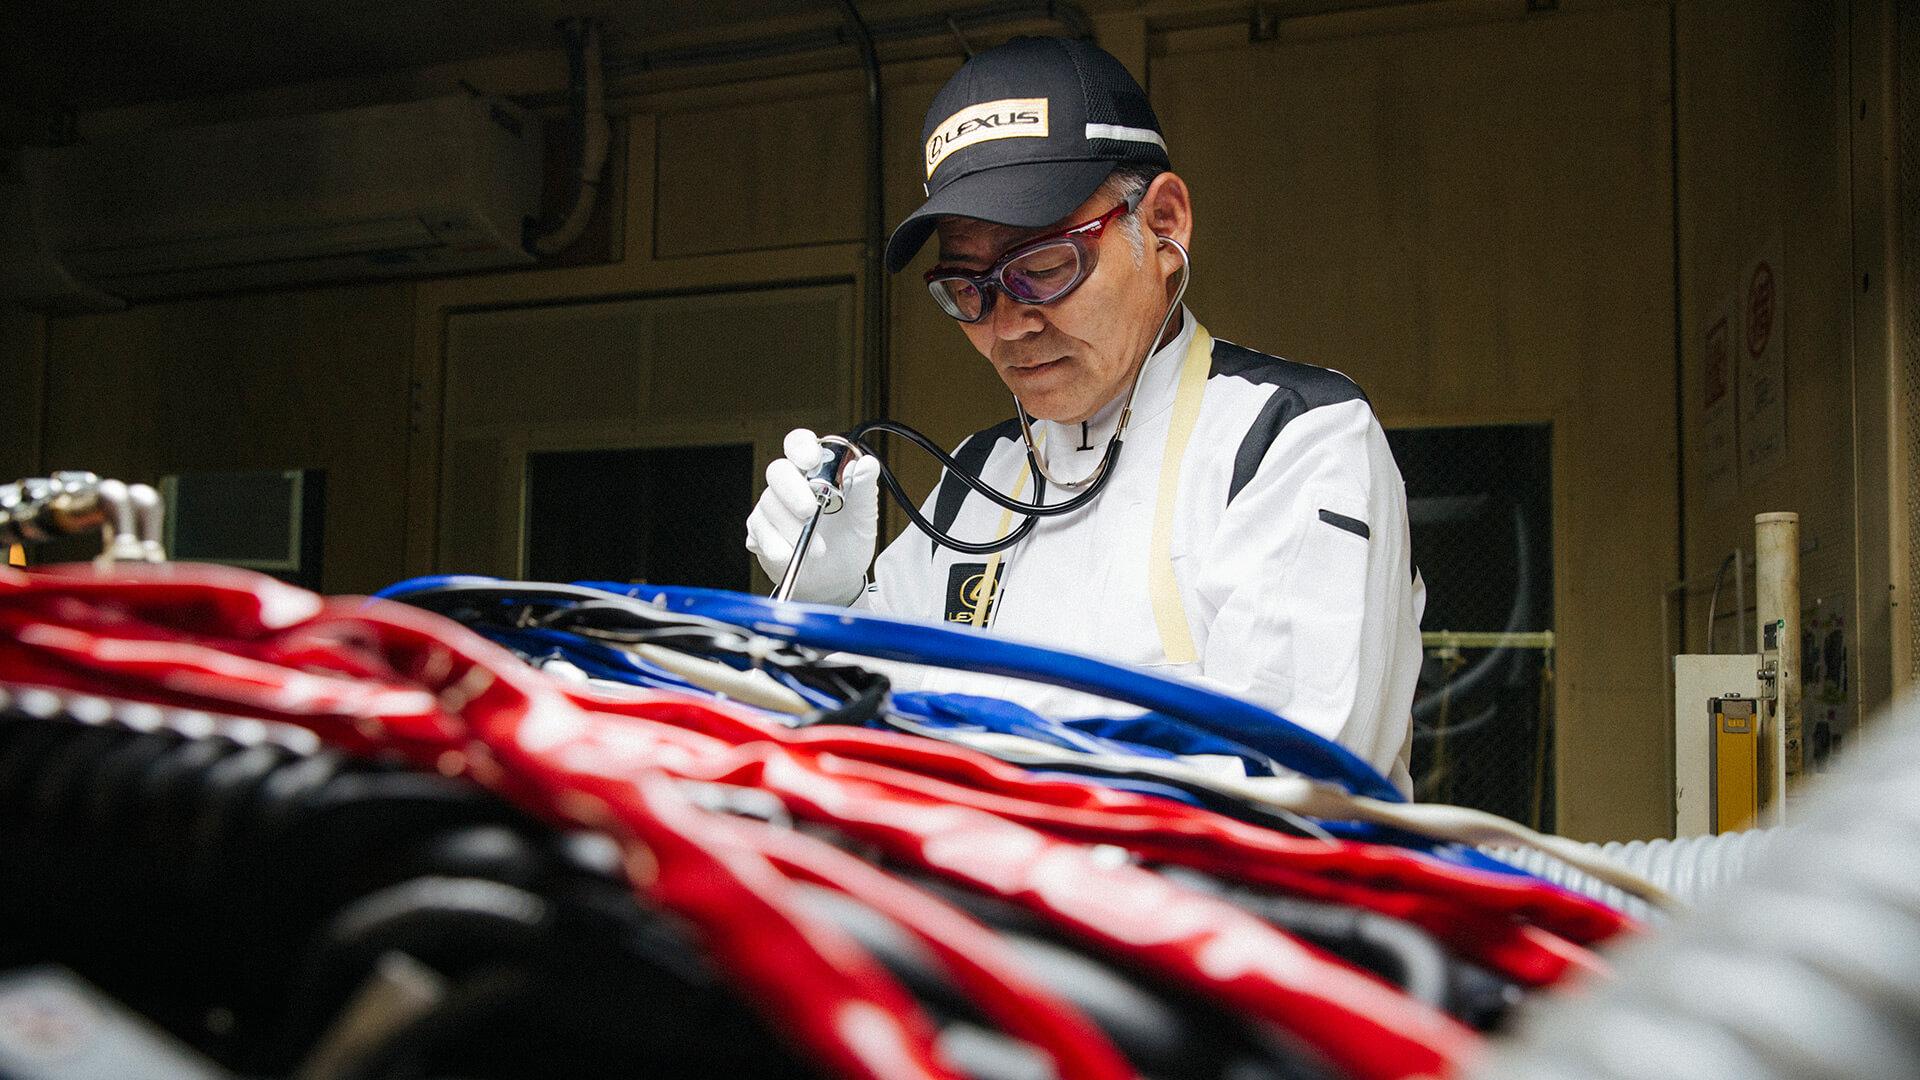 Lexus otomobillerini sanat eserine dönüştüren Takumi Ustaları Belgesel Oldu 01 Image